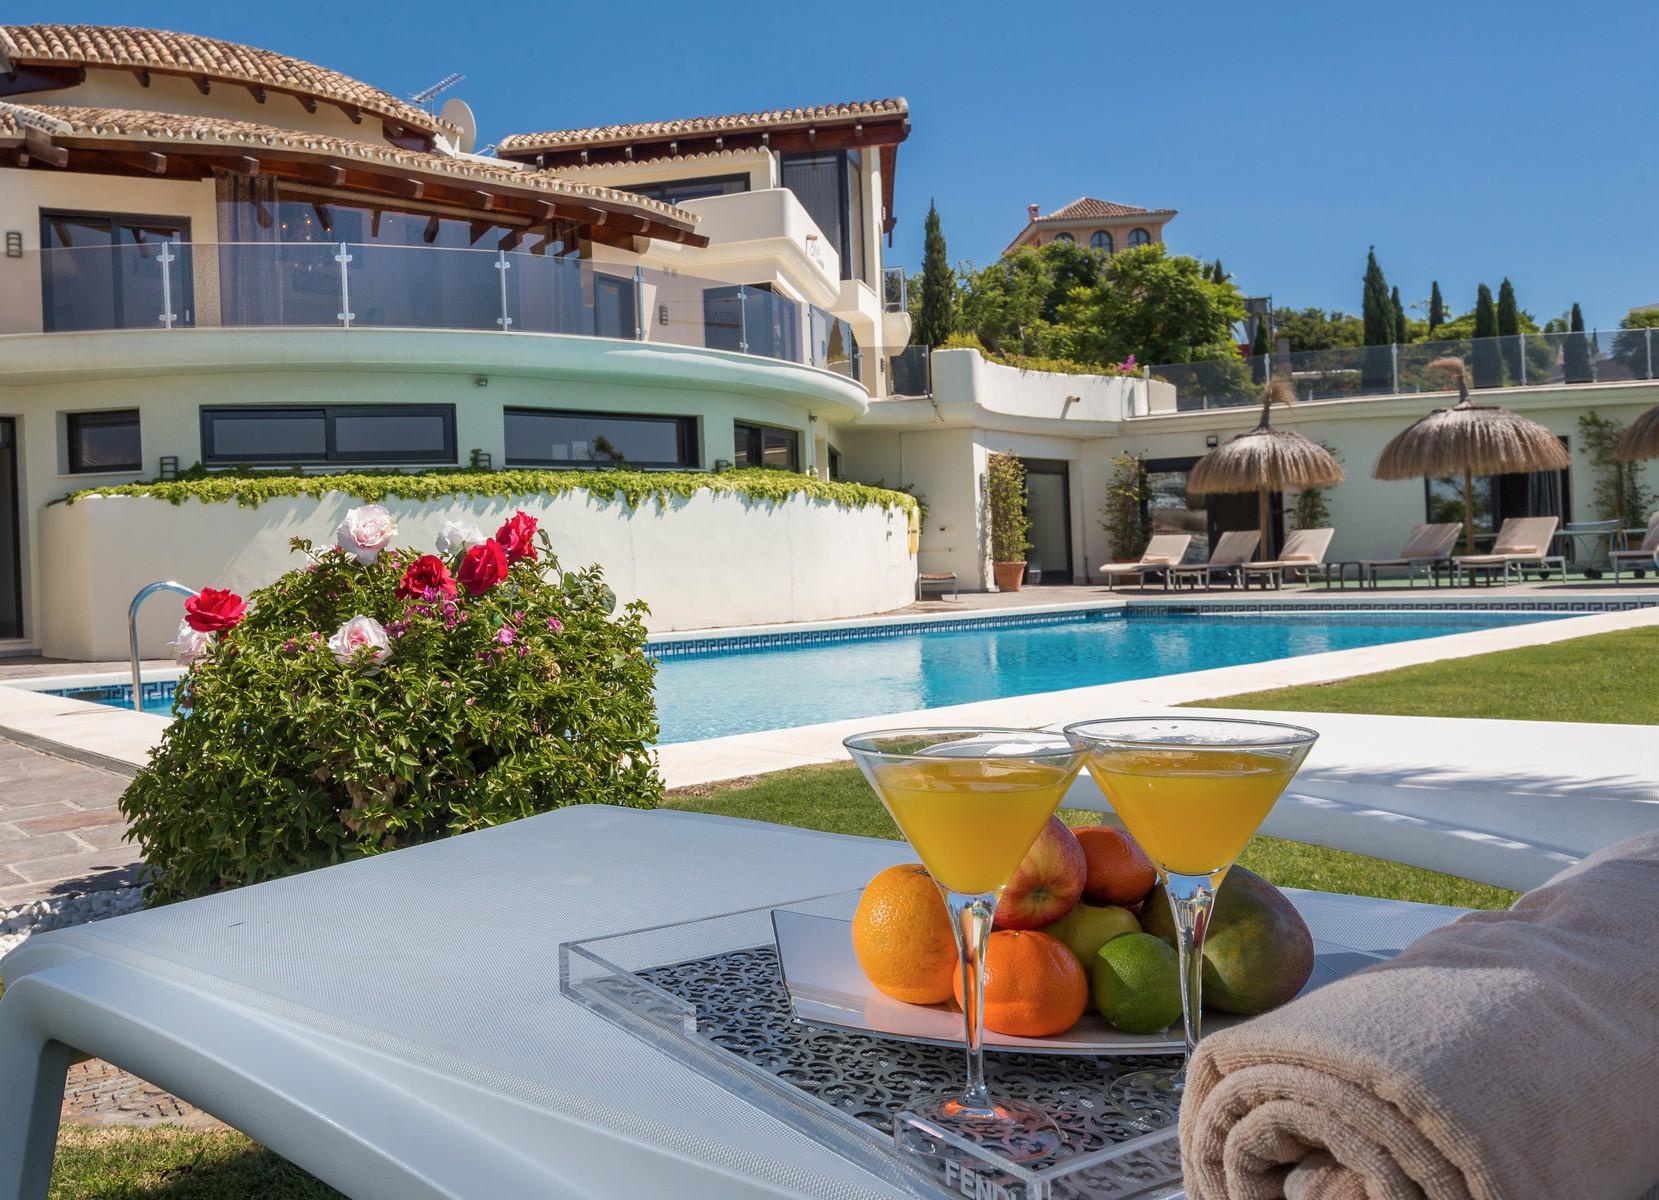 7-villa-el-cano-exterior-pool-finer-detail-2